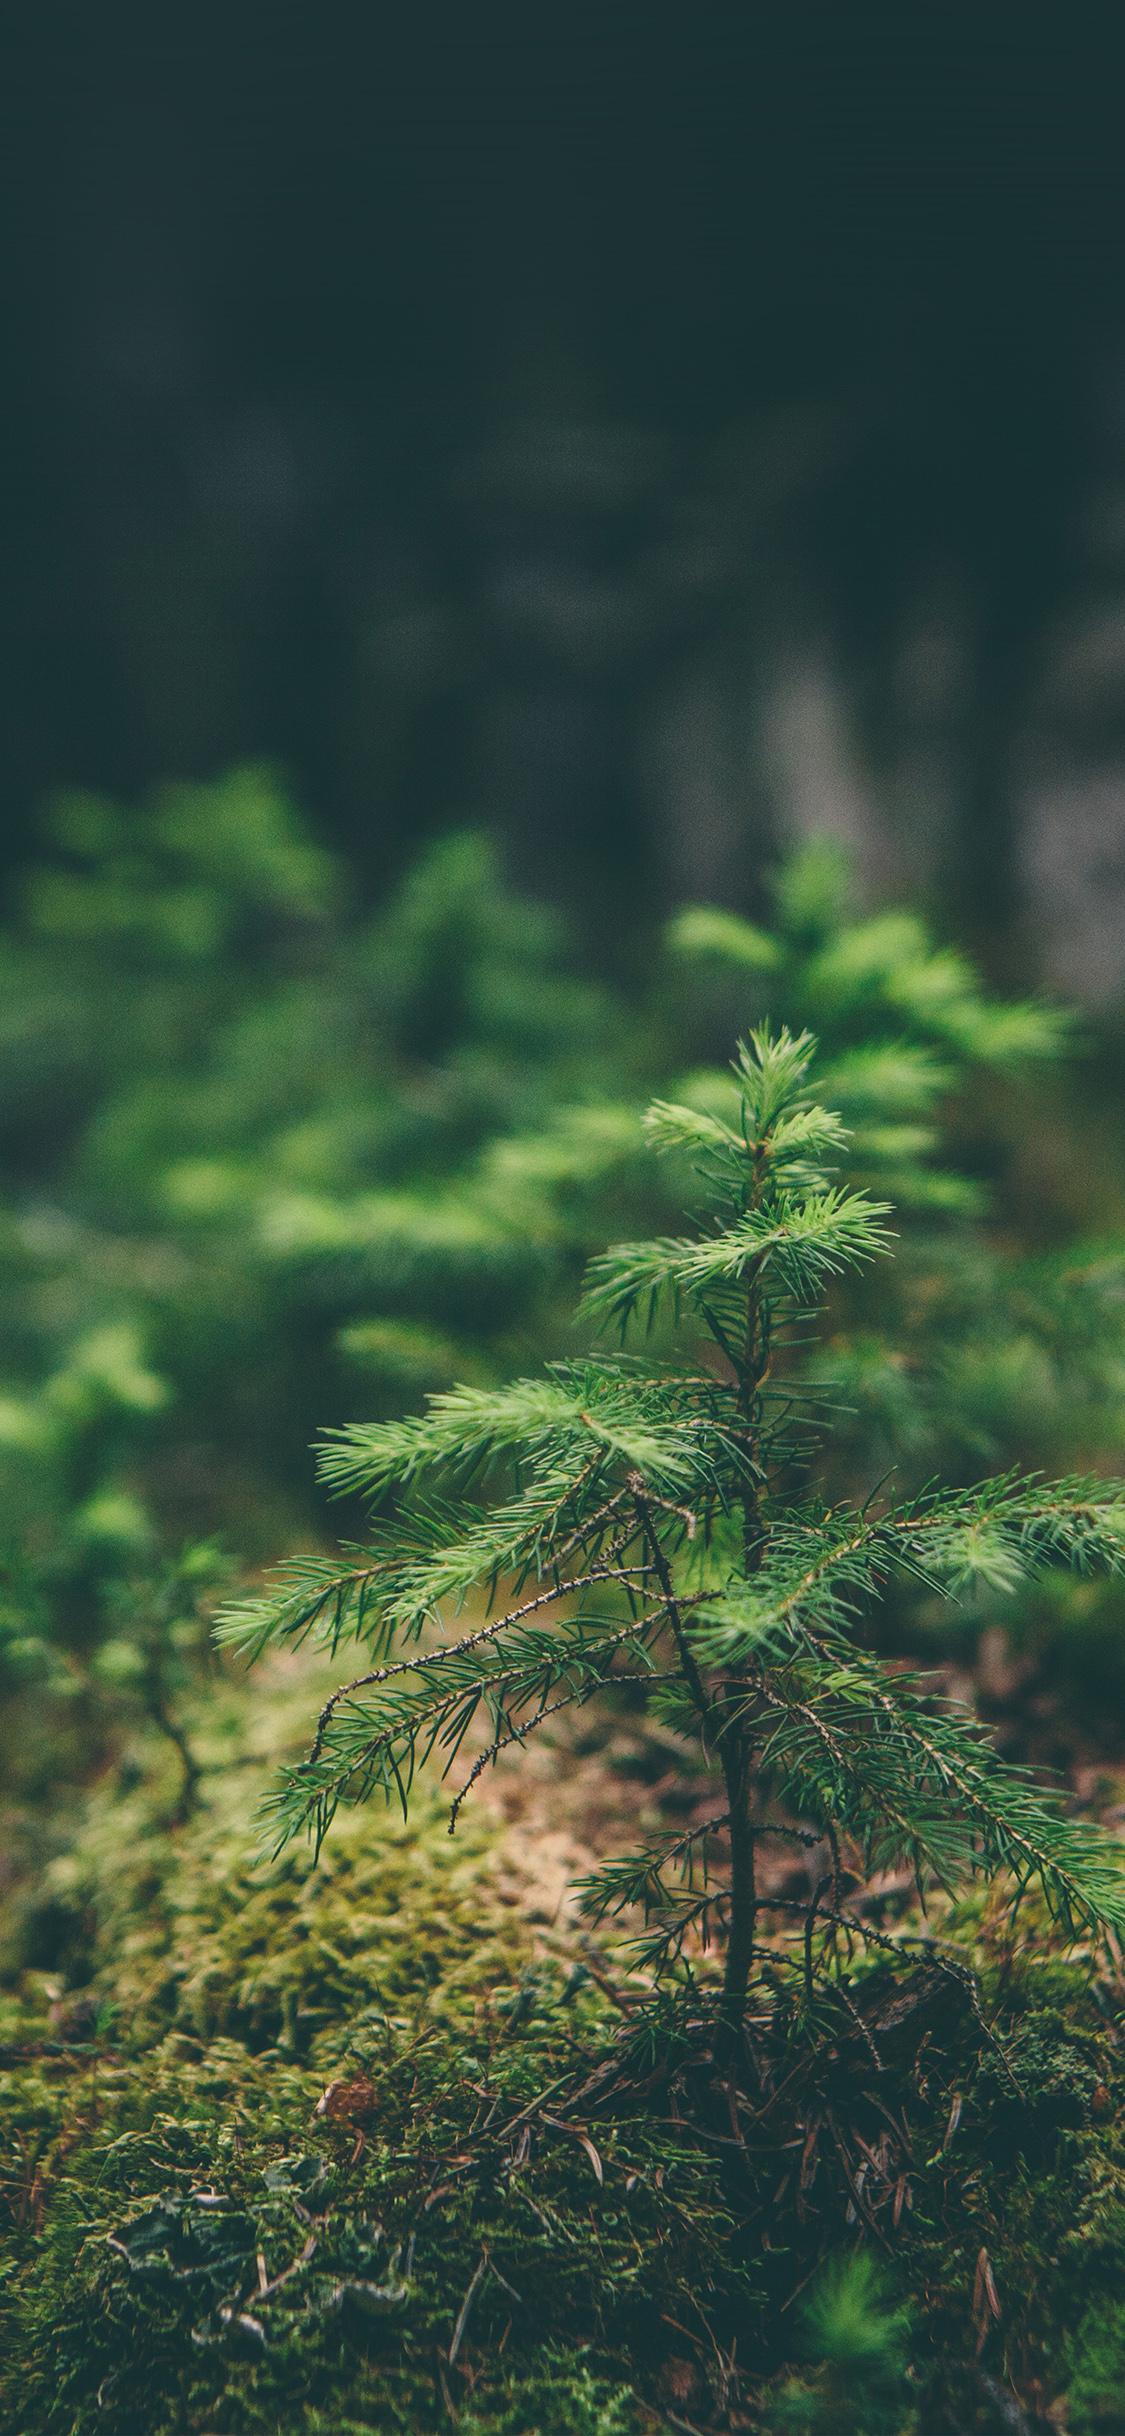 Mz92 Green Moss Flower Nature Wallpaper